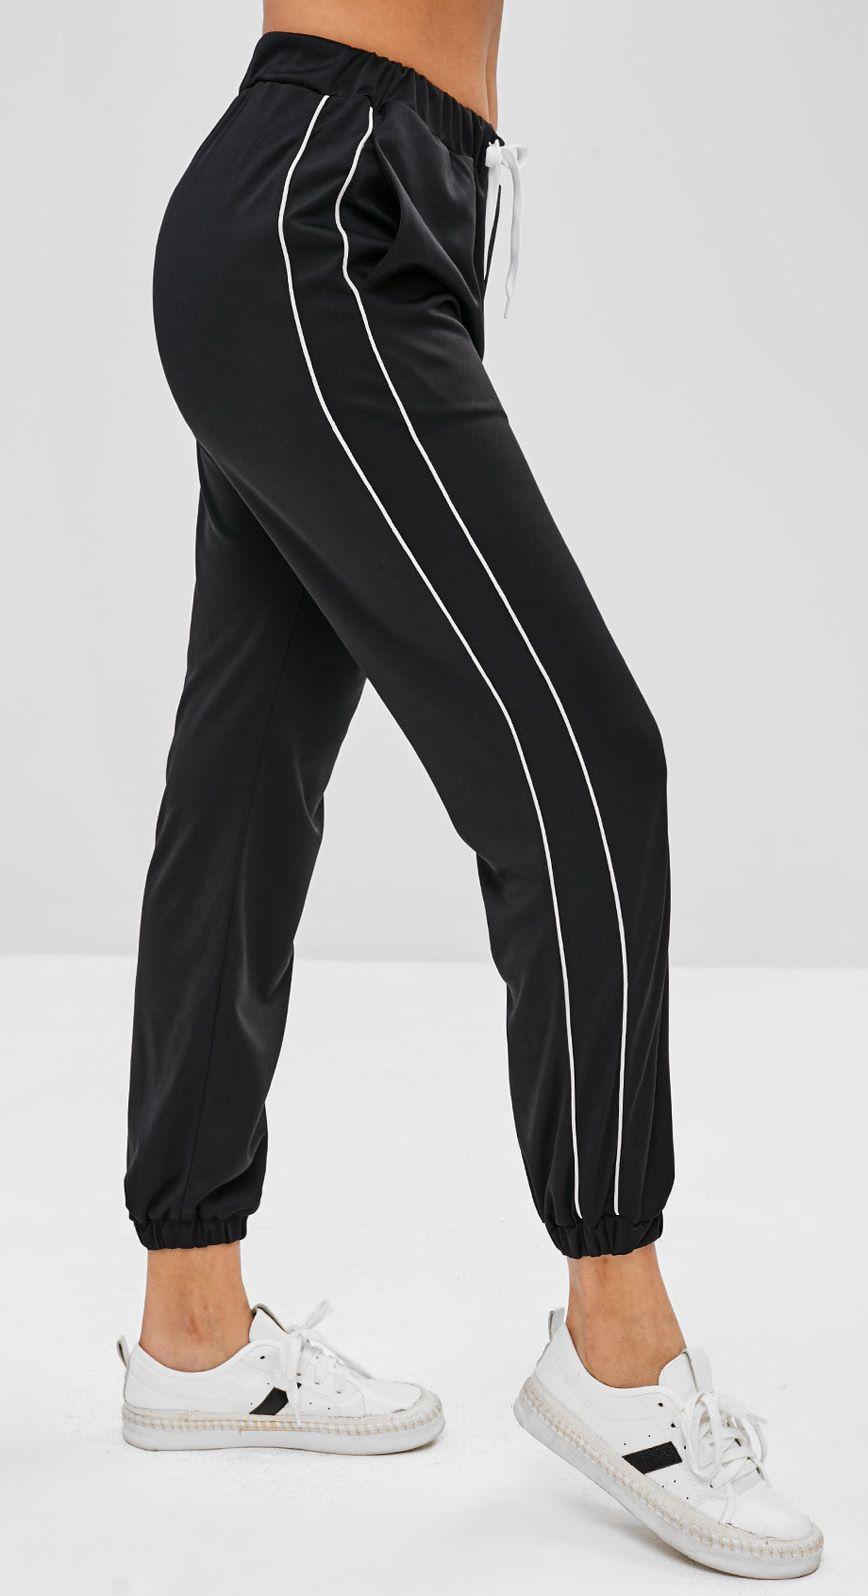 Piping Drawstring Jogger Pants Black Crop Pants Women Pants For Women Cropped Pants Women Women Jogger Pants